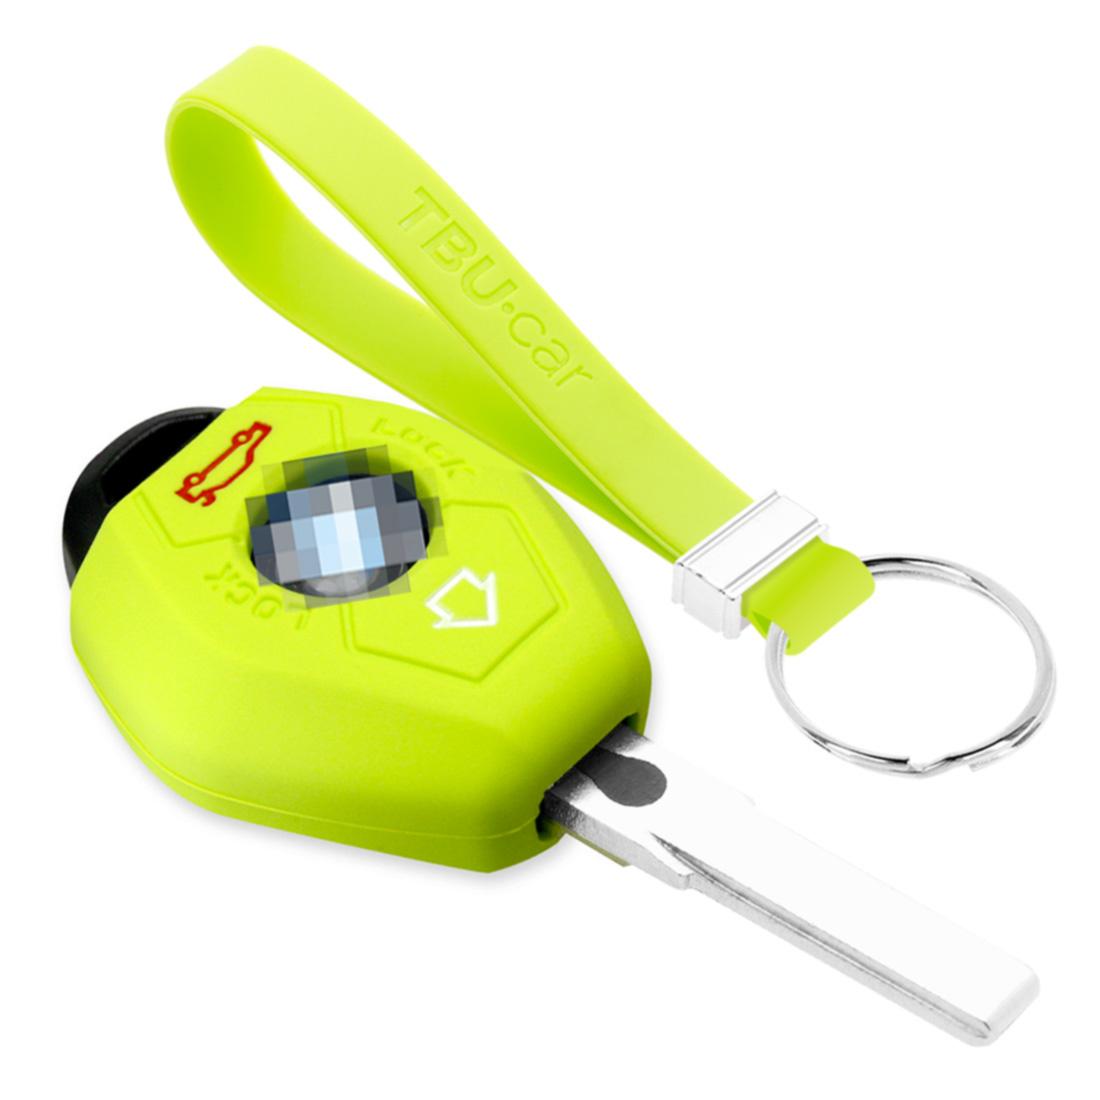 TBU car TBU car Sleutel cover compatibel met BMW - Silicone sleutelhoesje - beschermhoesje autosleutel - Lime groen